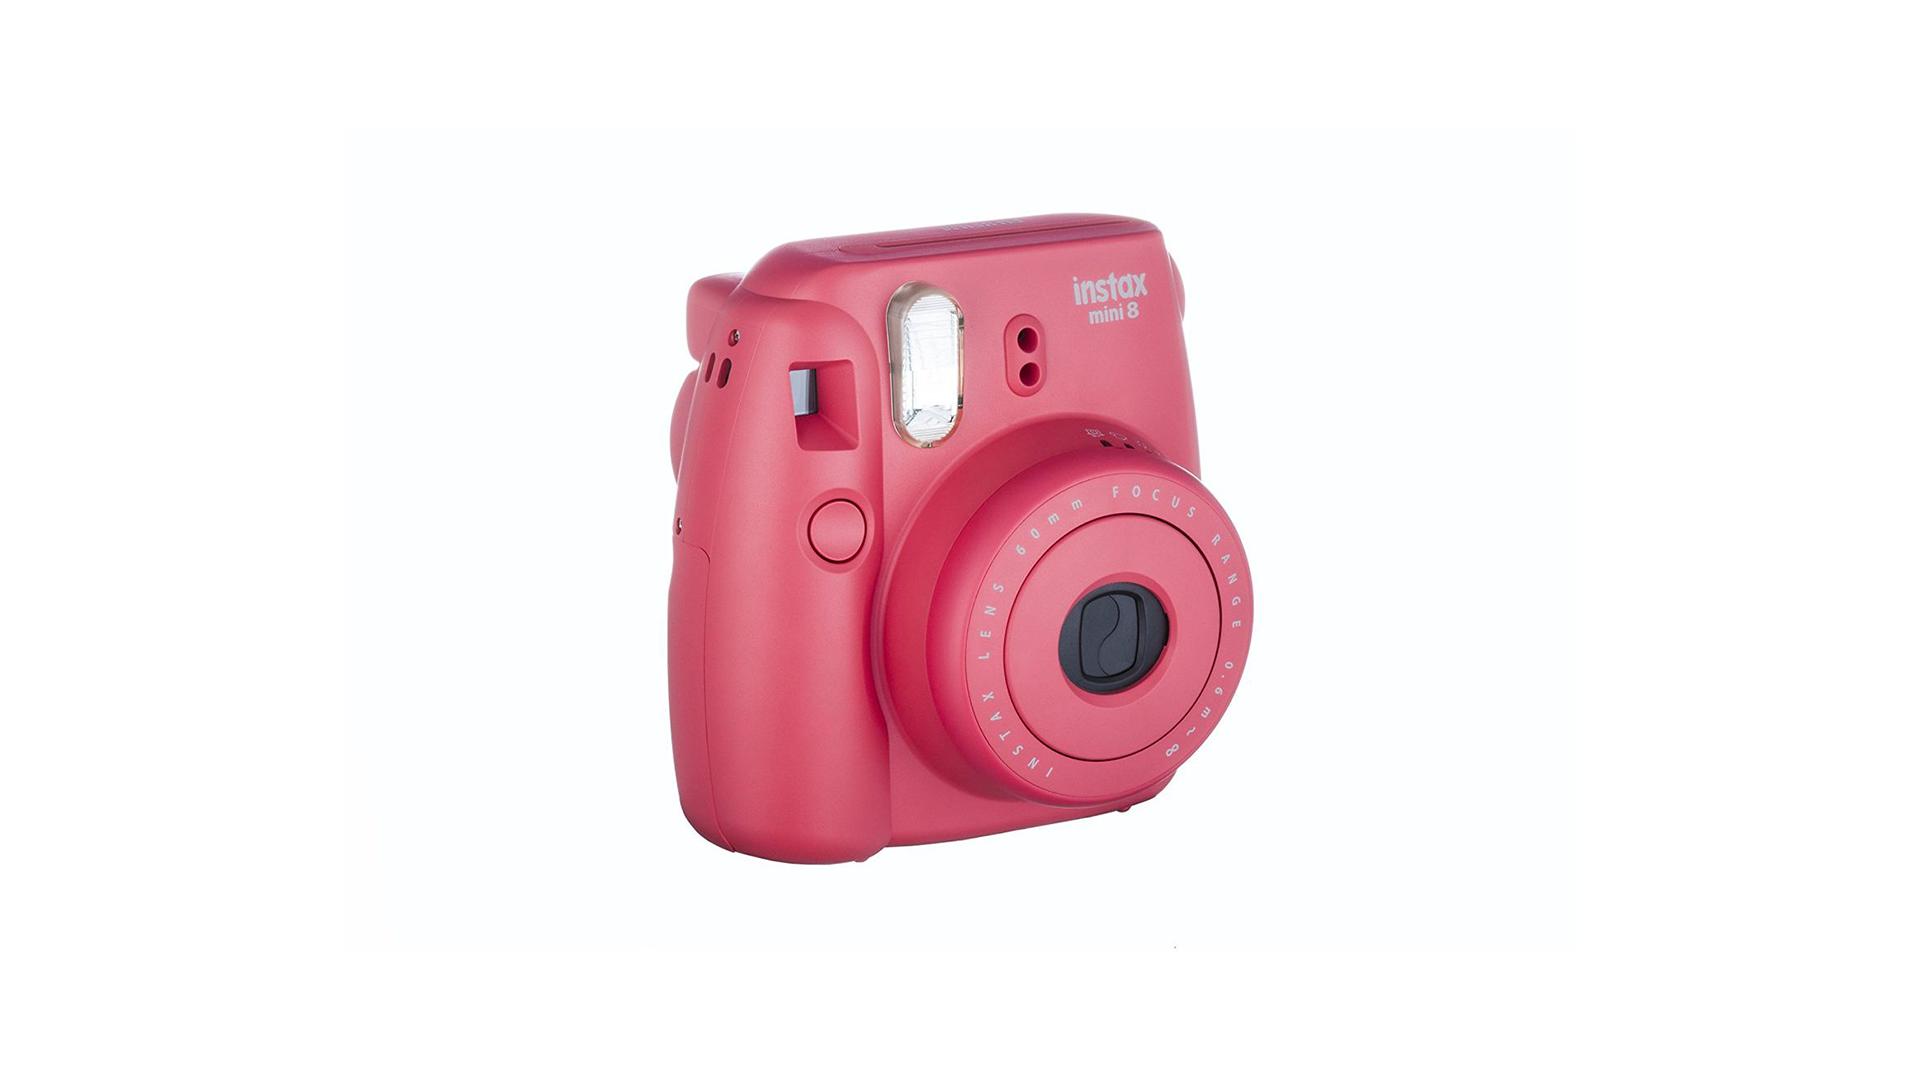 6aea912afc473a Cet appareil photo est compact, il peut se glisser sans problème dans un  sac, de plus, il fonctionne grâce à 2 piles, ce qui assure une autonomie  assez ...